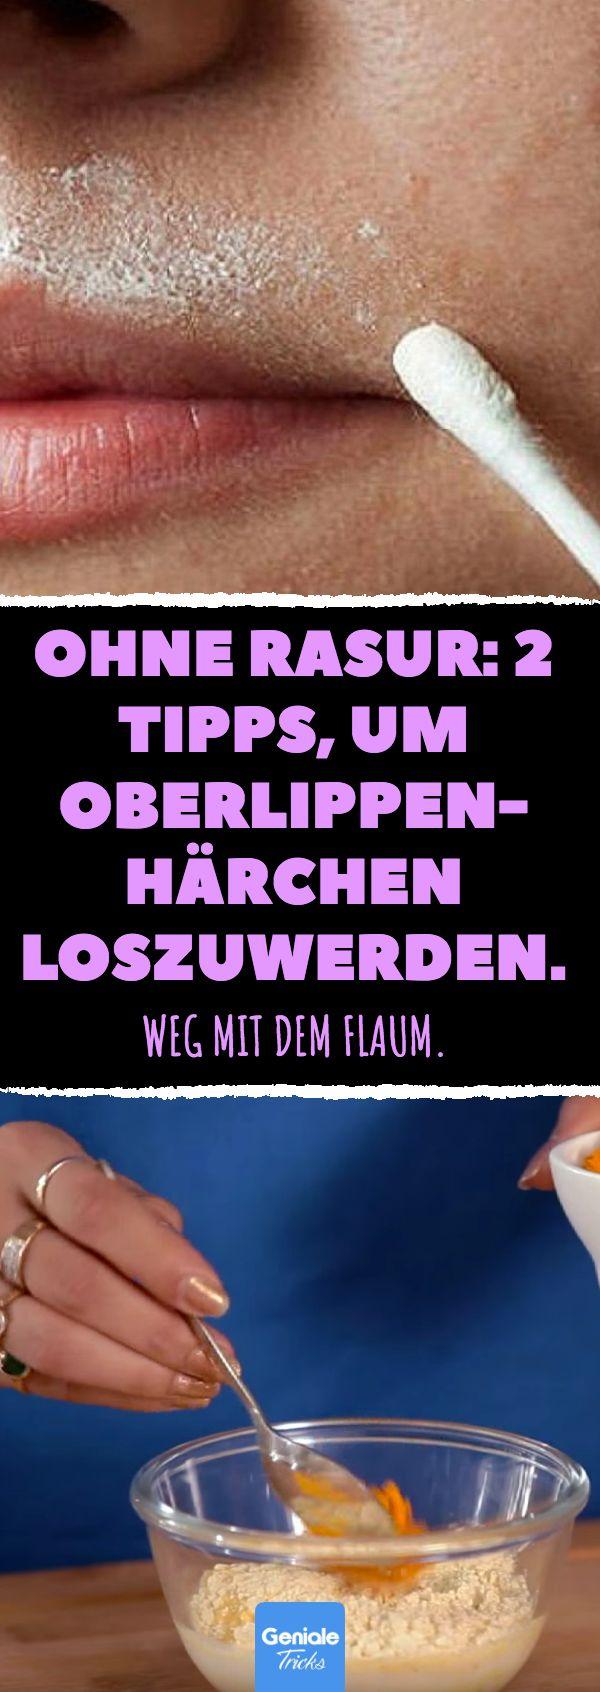 Ohne Rasur: 2 Tipps, um die Oberlippenhaare loszuwerden. #damenbart #shaving #h … – Beauty Hacks – DIY Tipps